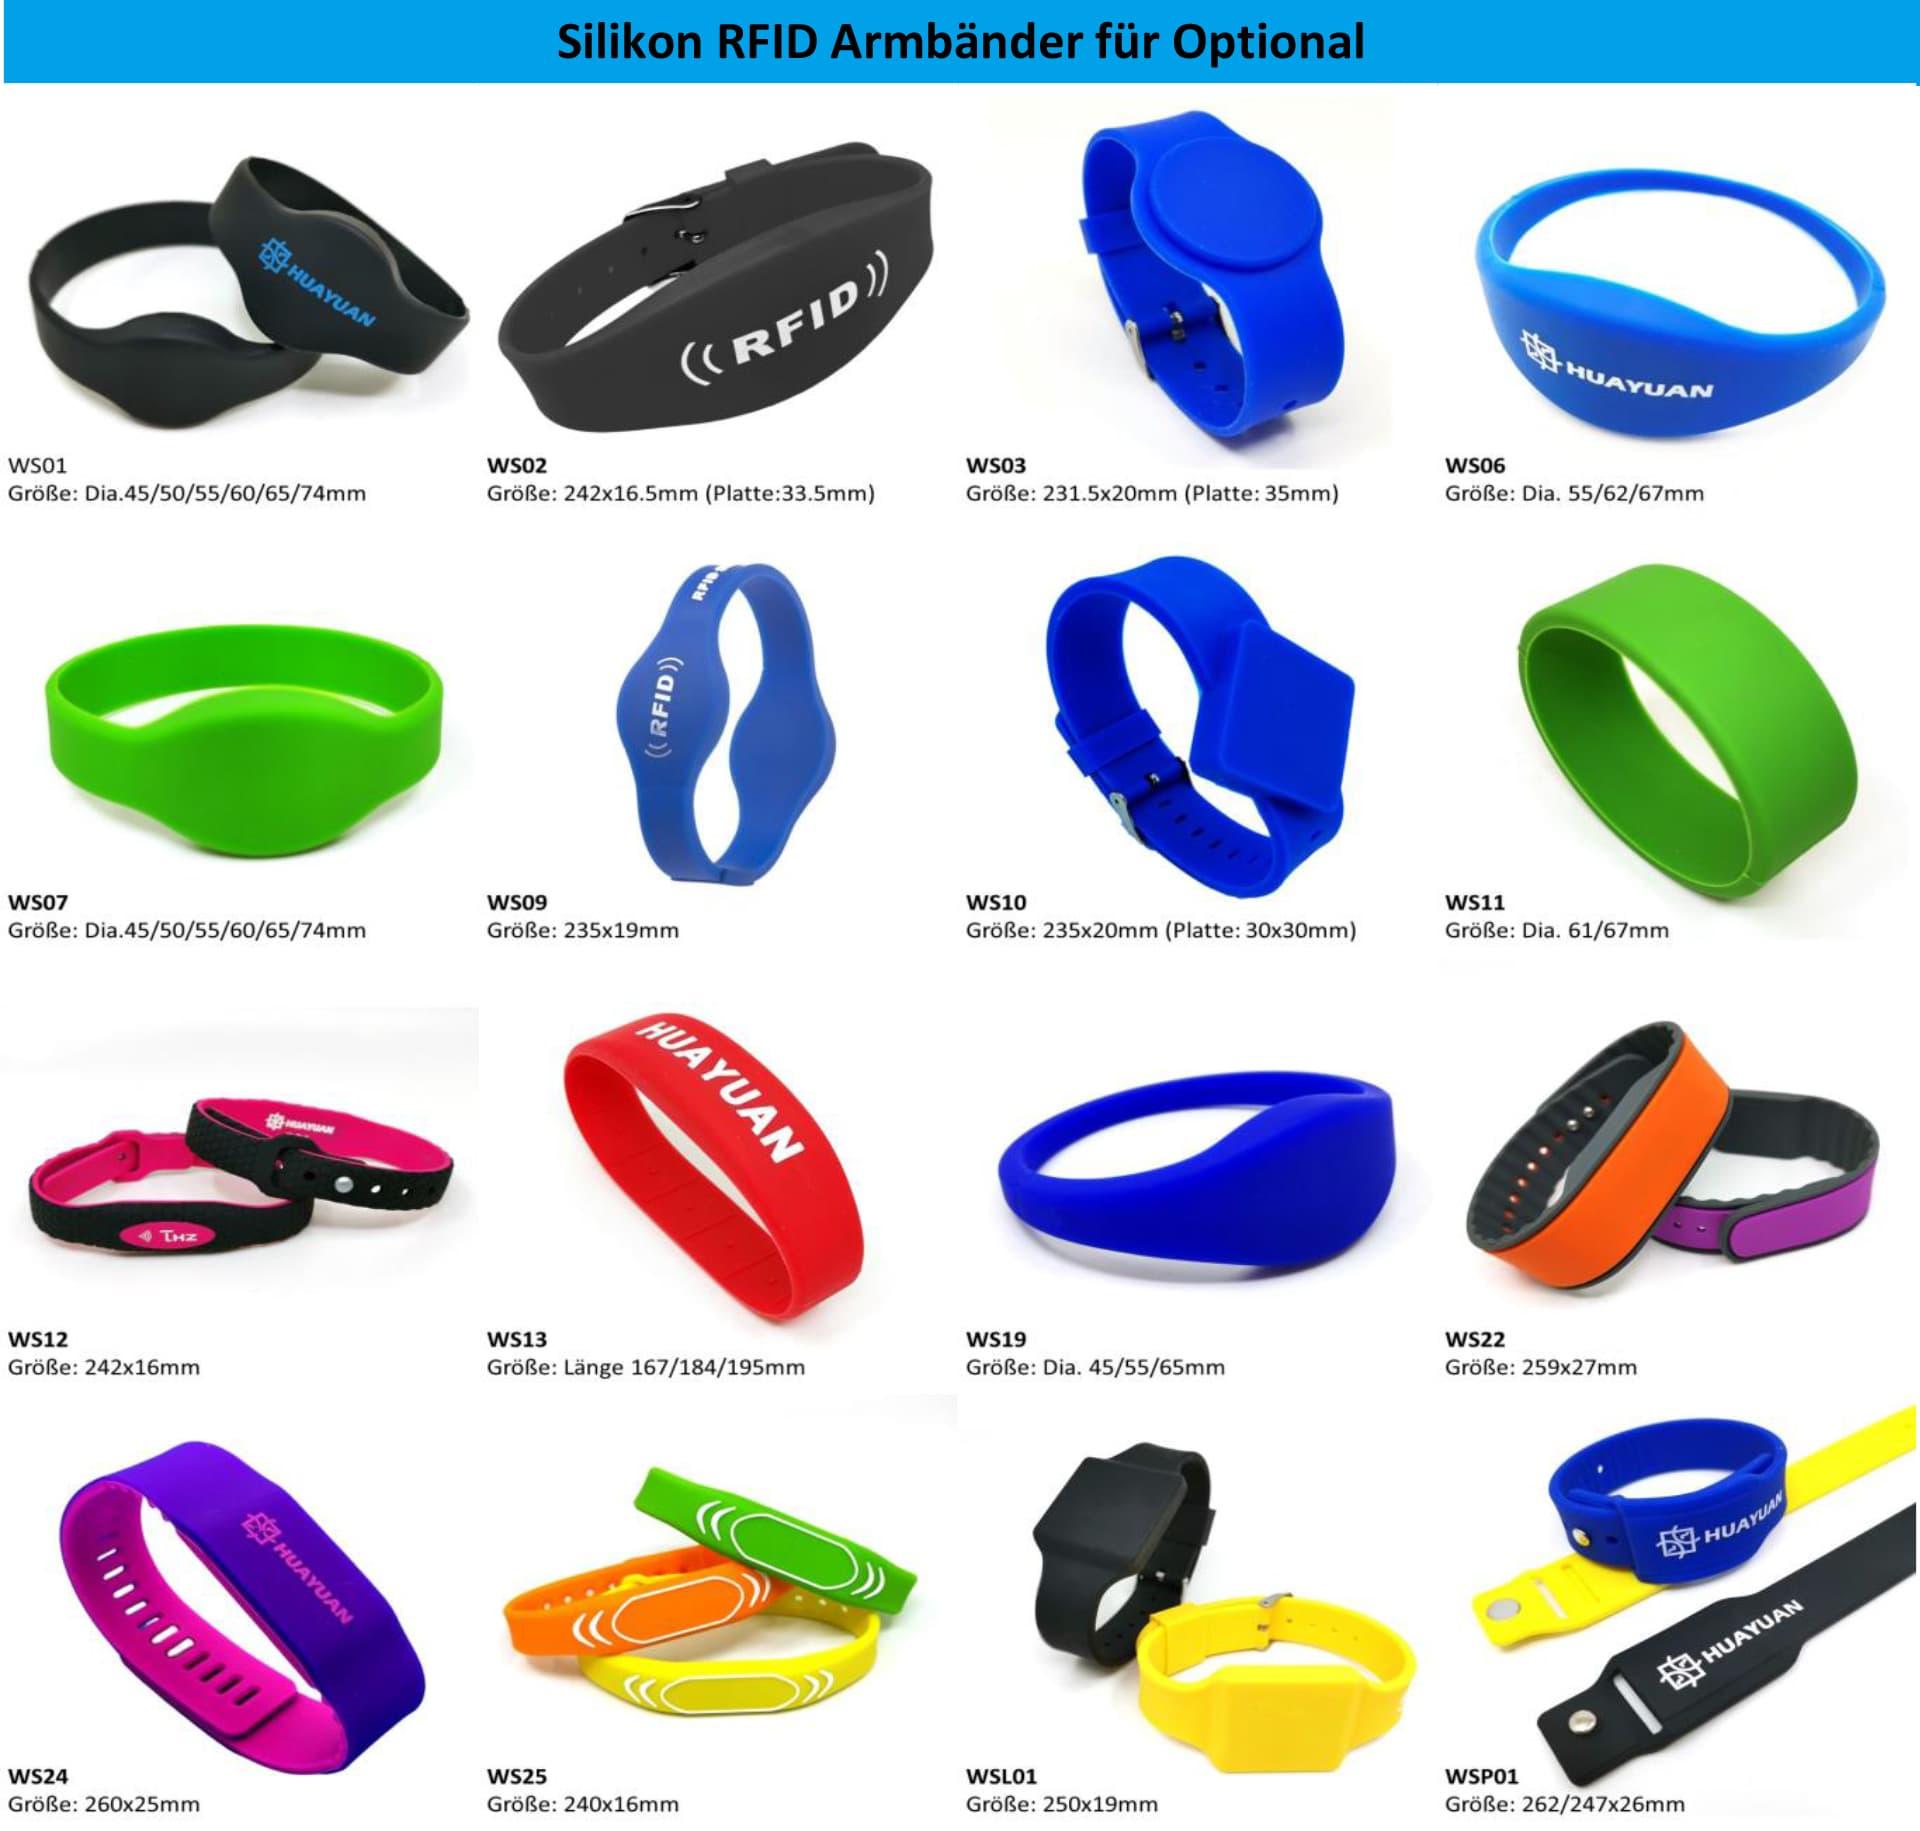 Silikon RFID Armbänder